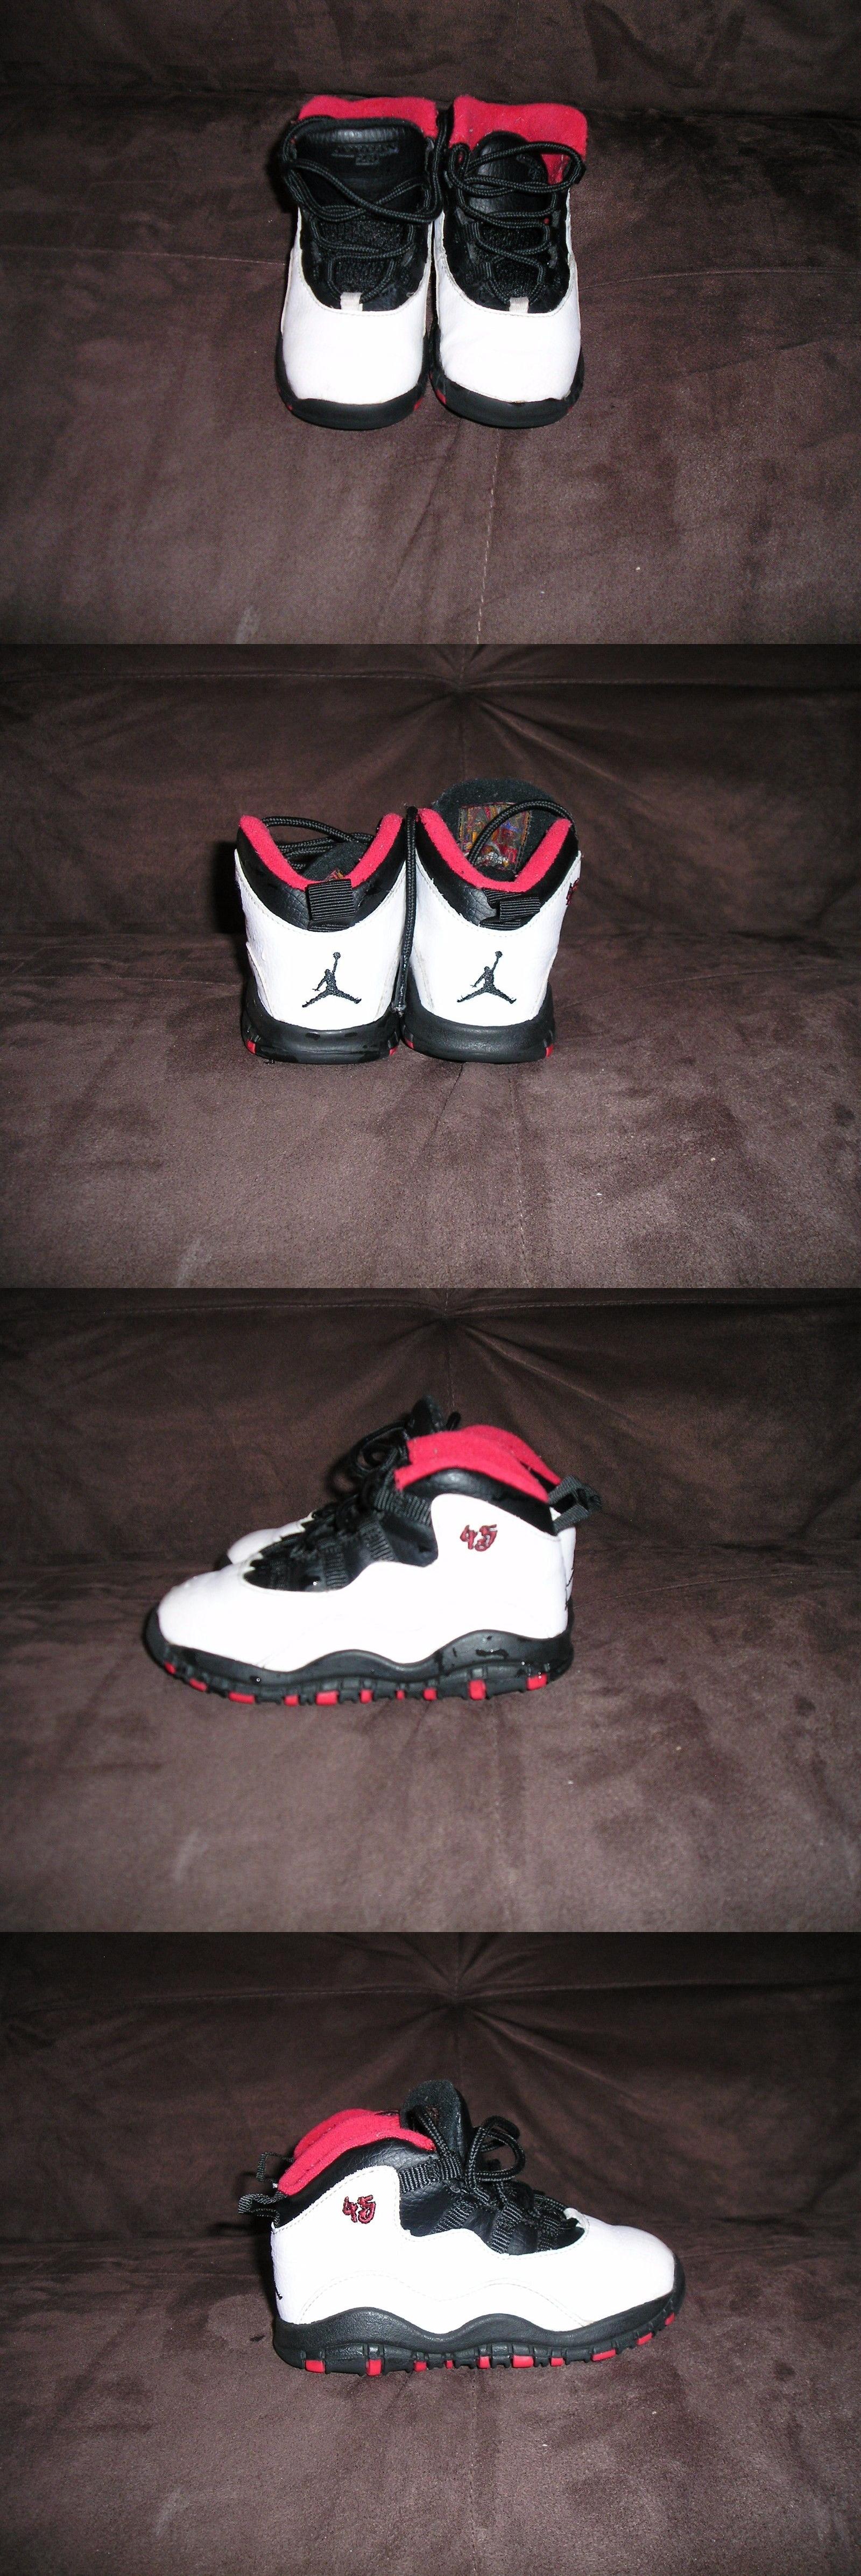 Michael Jordan Baby Clothing: Vintage Nike Michael Jordan Air Jordan  Collection Boys Toddler Size 8C